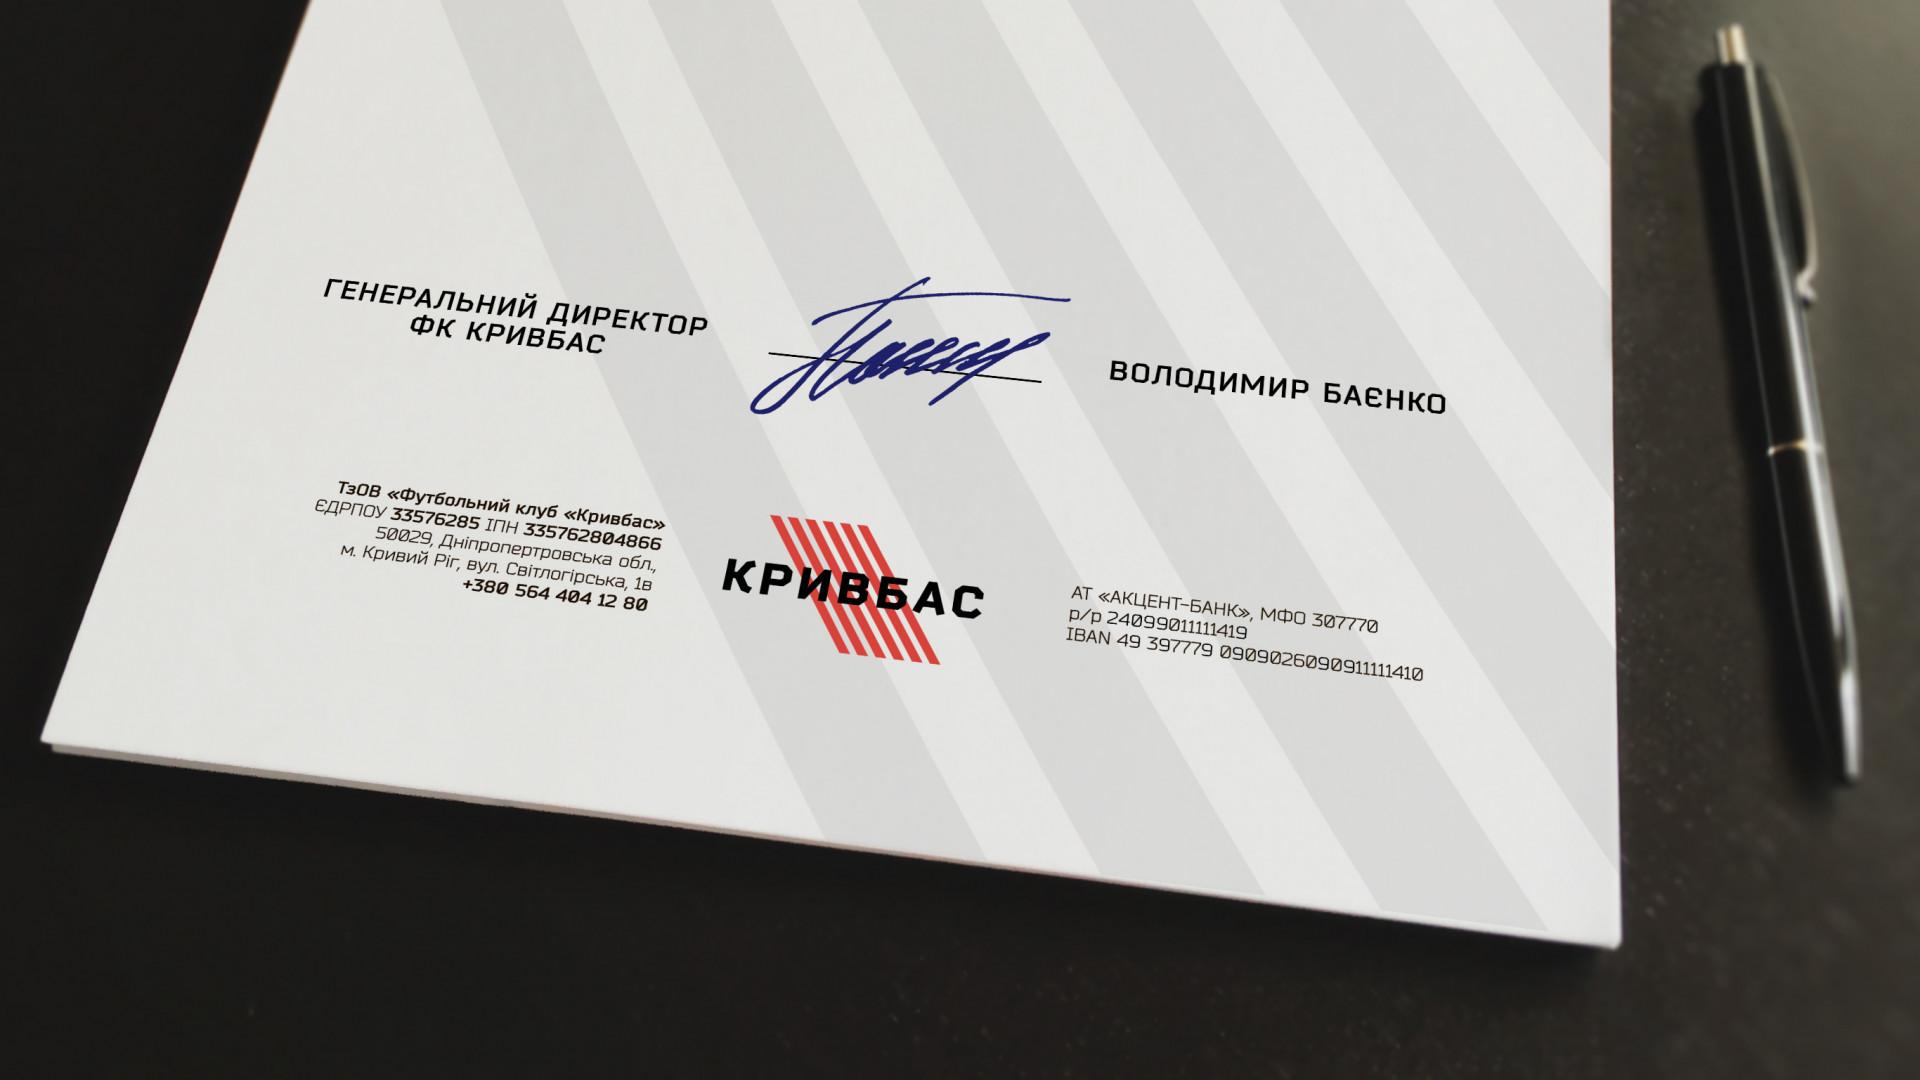 """Володимир Баєнко - генеральний директор ФК """"Кривбас""""}"""